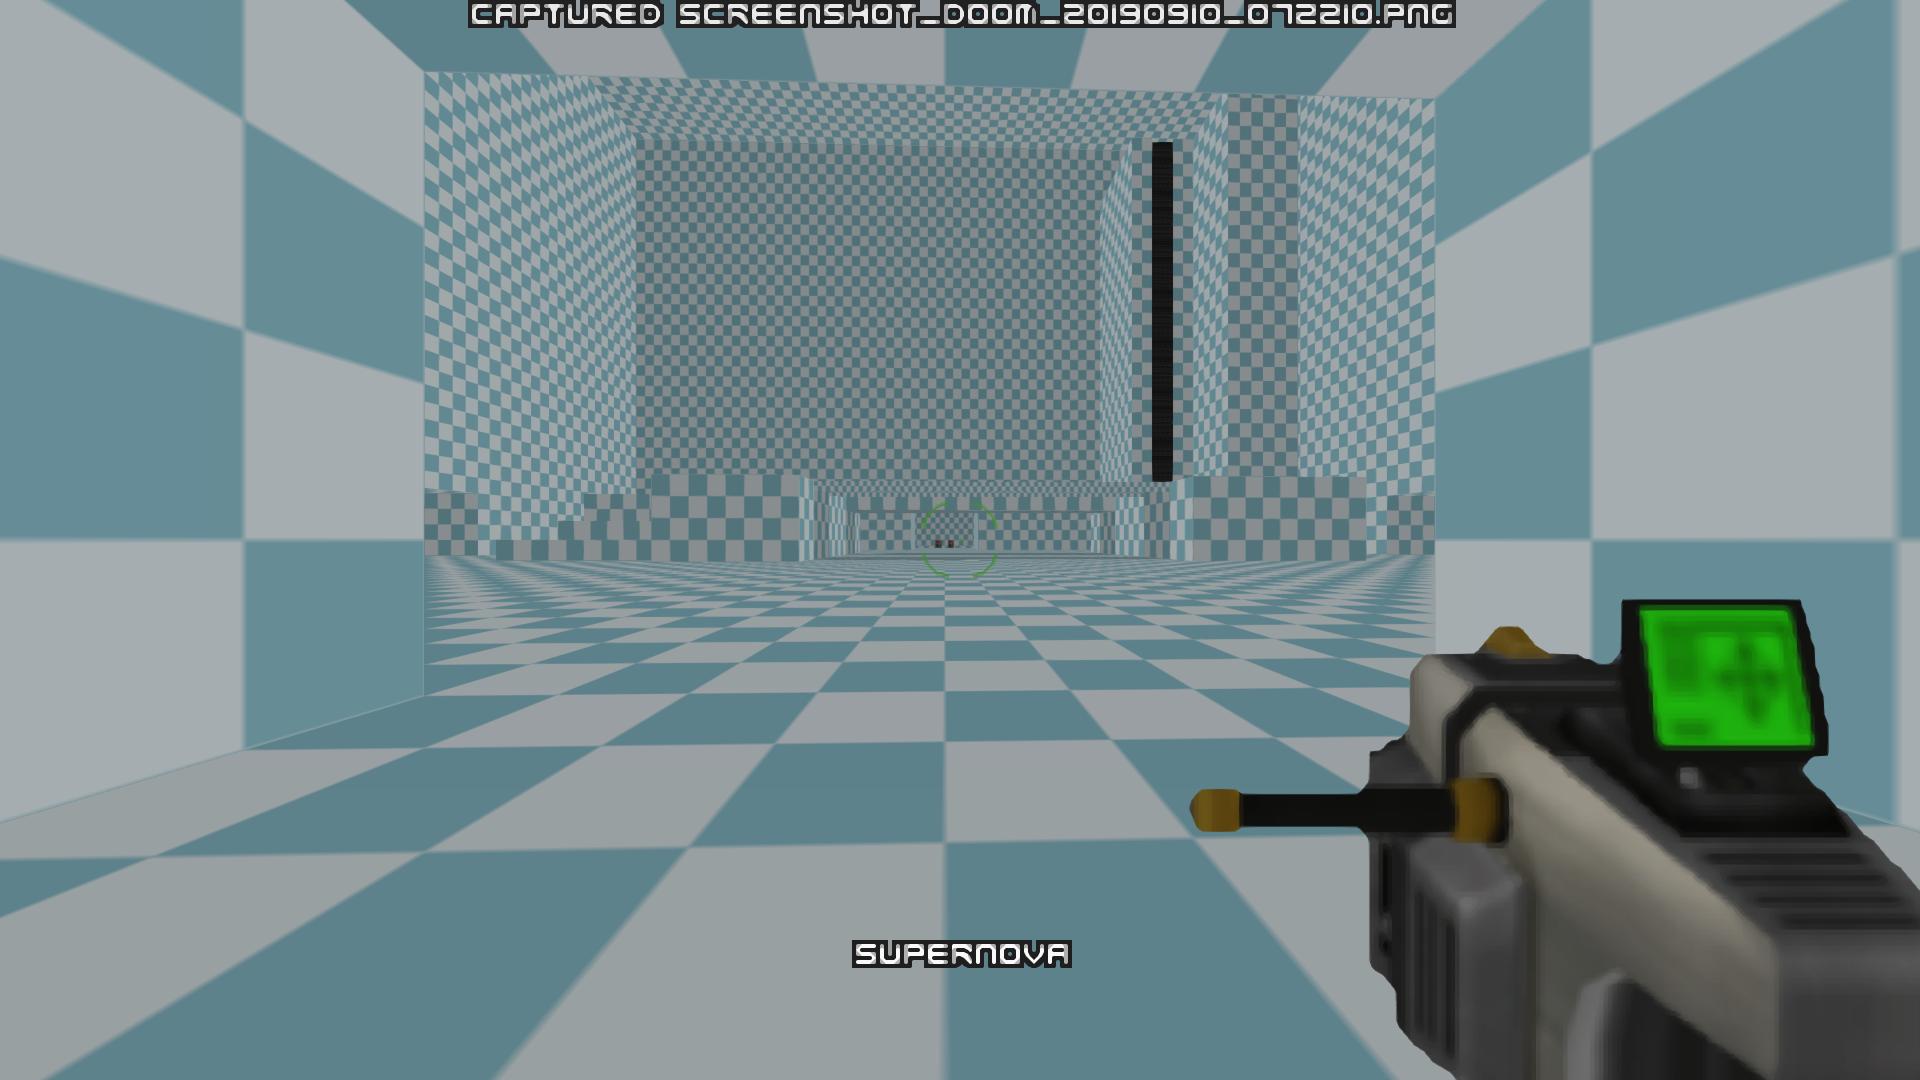 Screenshot Doom 20190910 072212